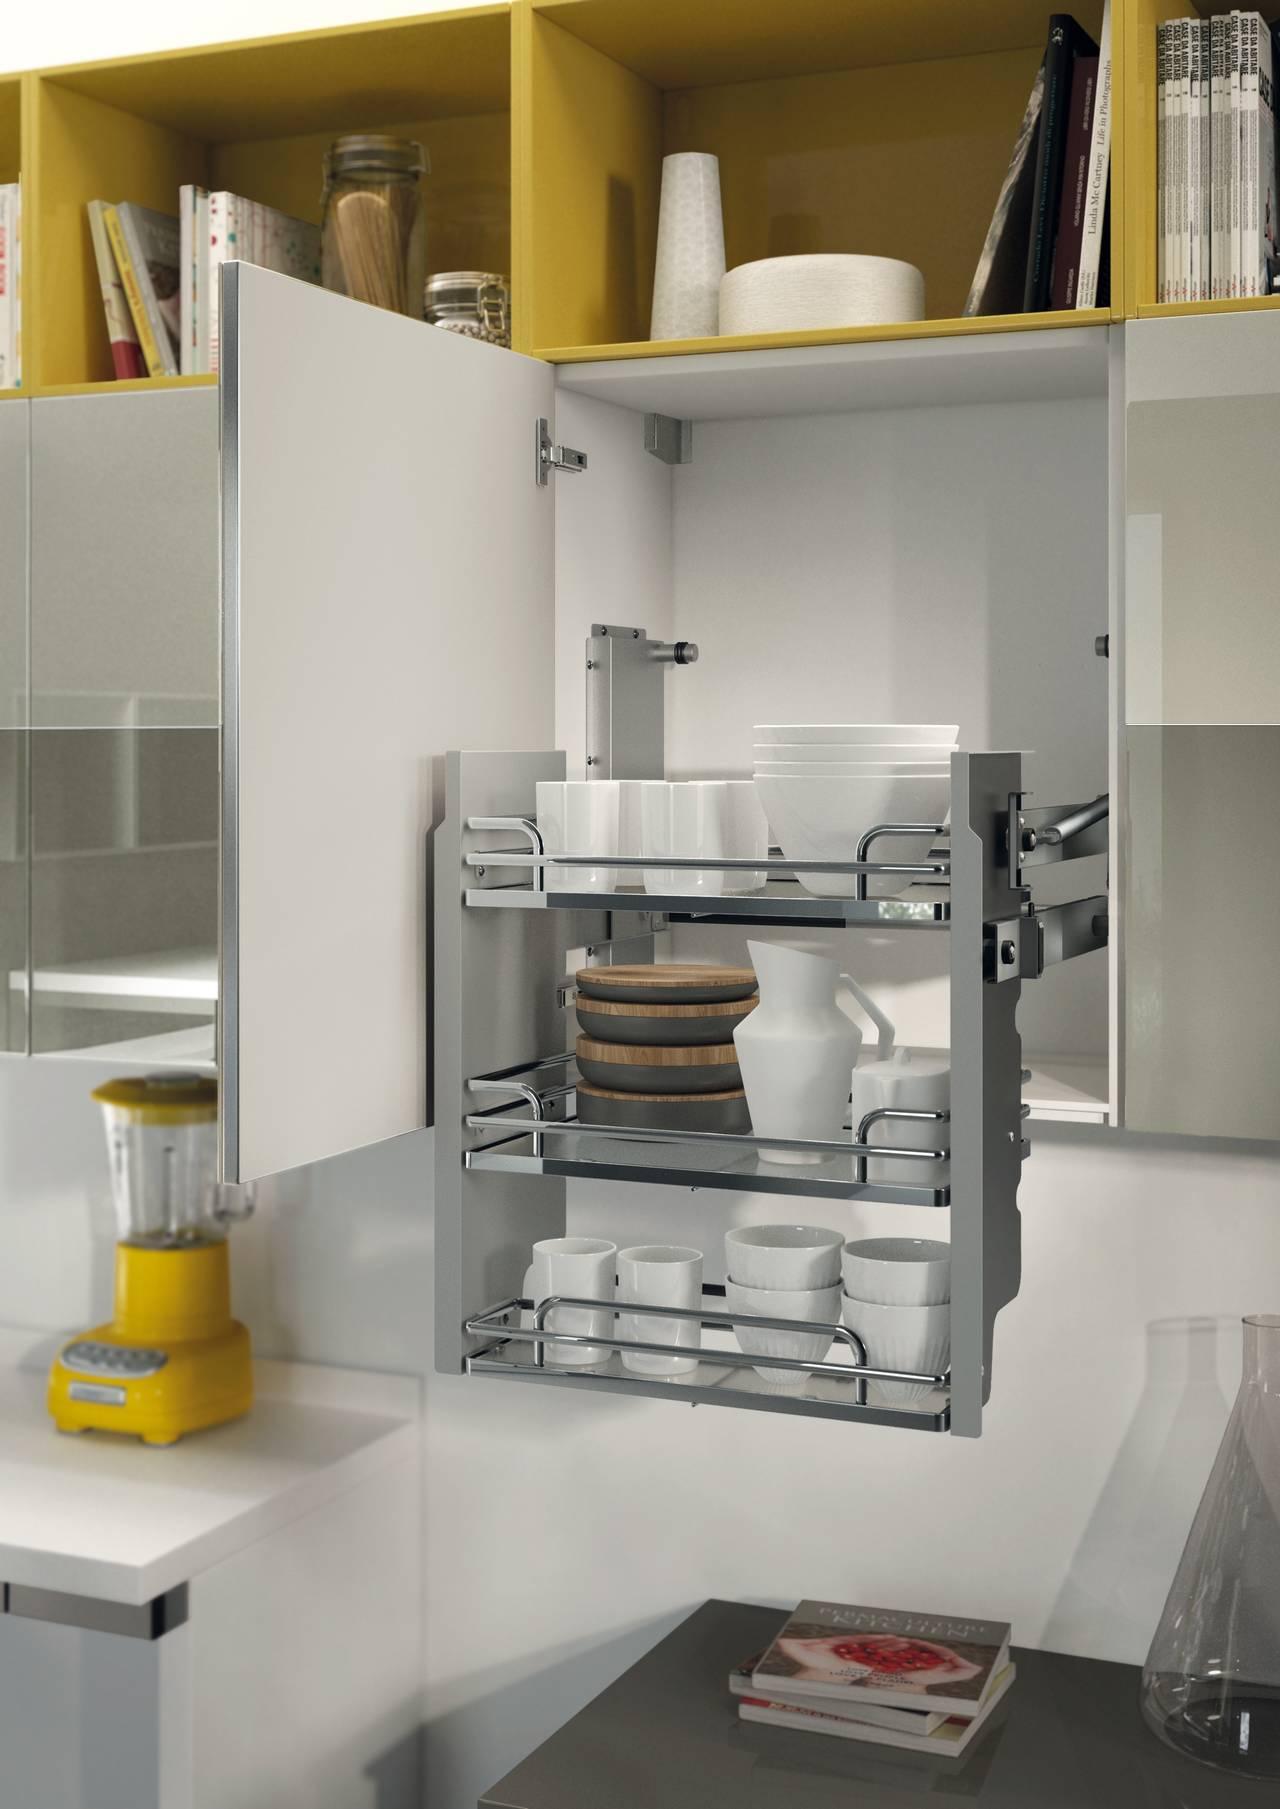 Accessori funzionali in cucina - Cestelli estraibili per cucine ...